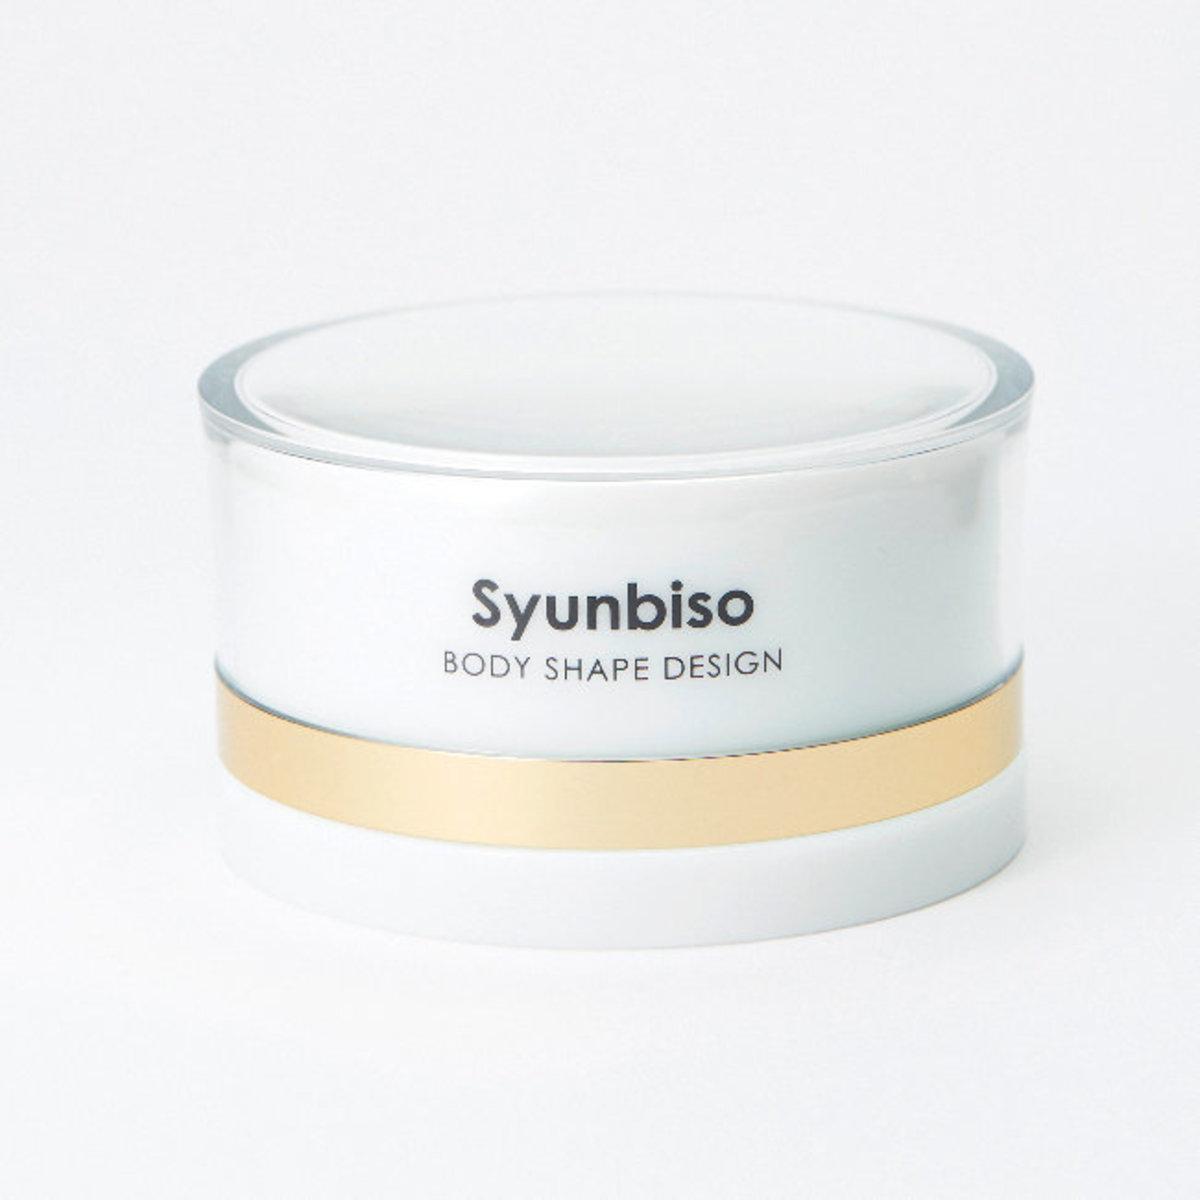 Syunbiso